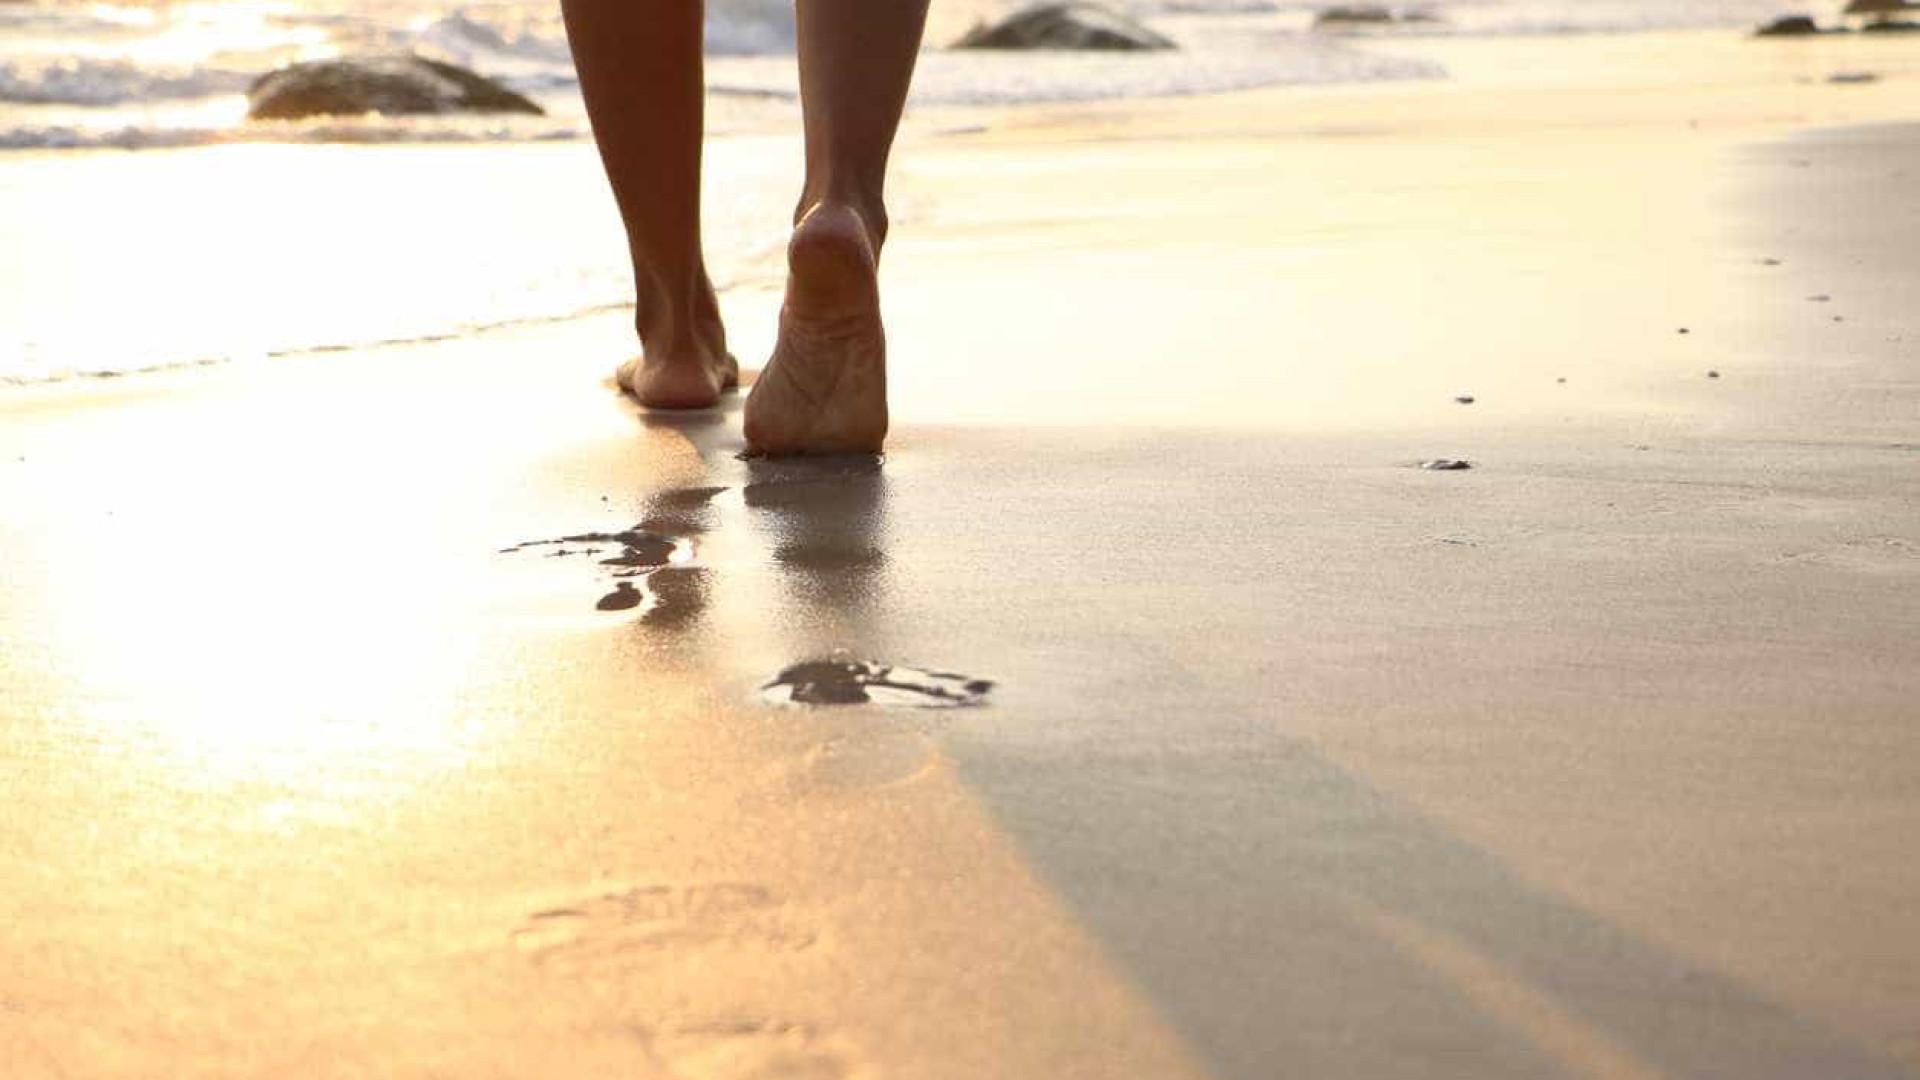 O risco de escaldão é maior junto ao mar ou estendido na toalha?